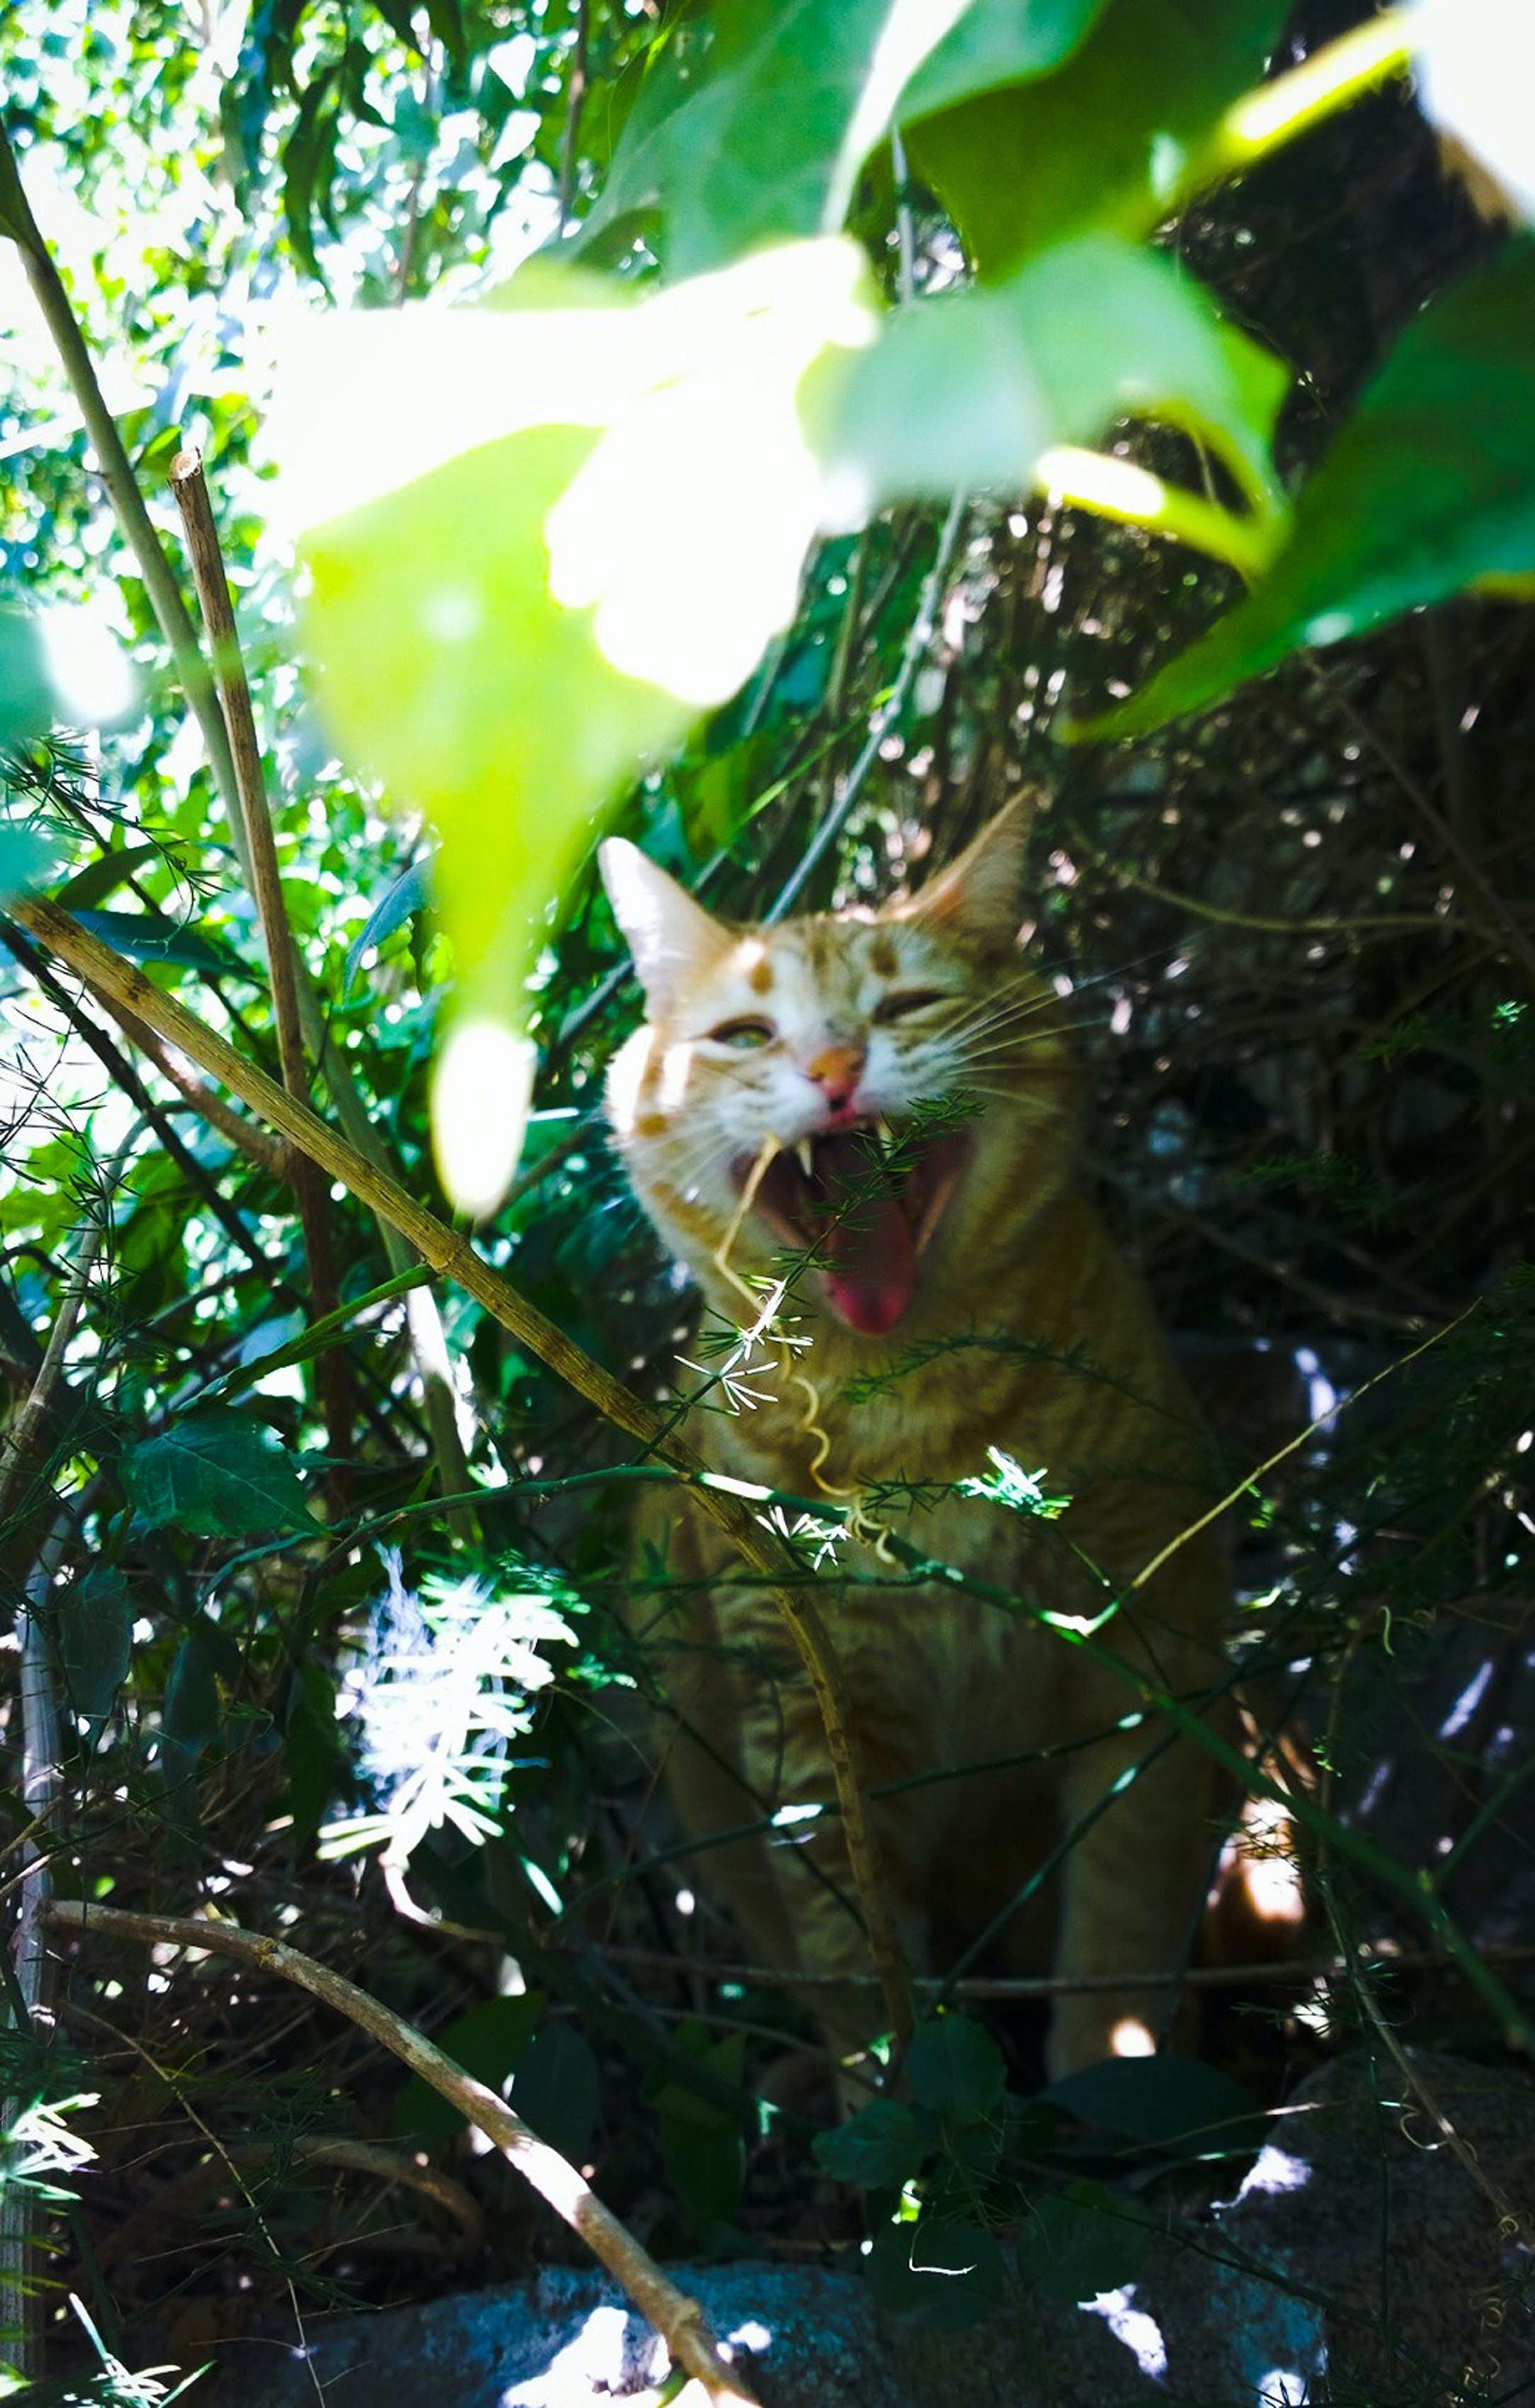 Δωρεάν στοκ φωτογραφιών με άγριος, Γάτα, κατοικίδιο, λιοντάρι